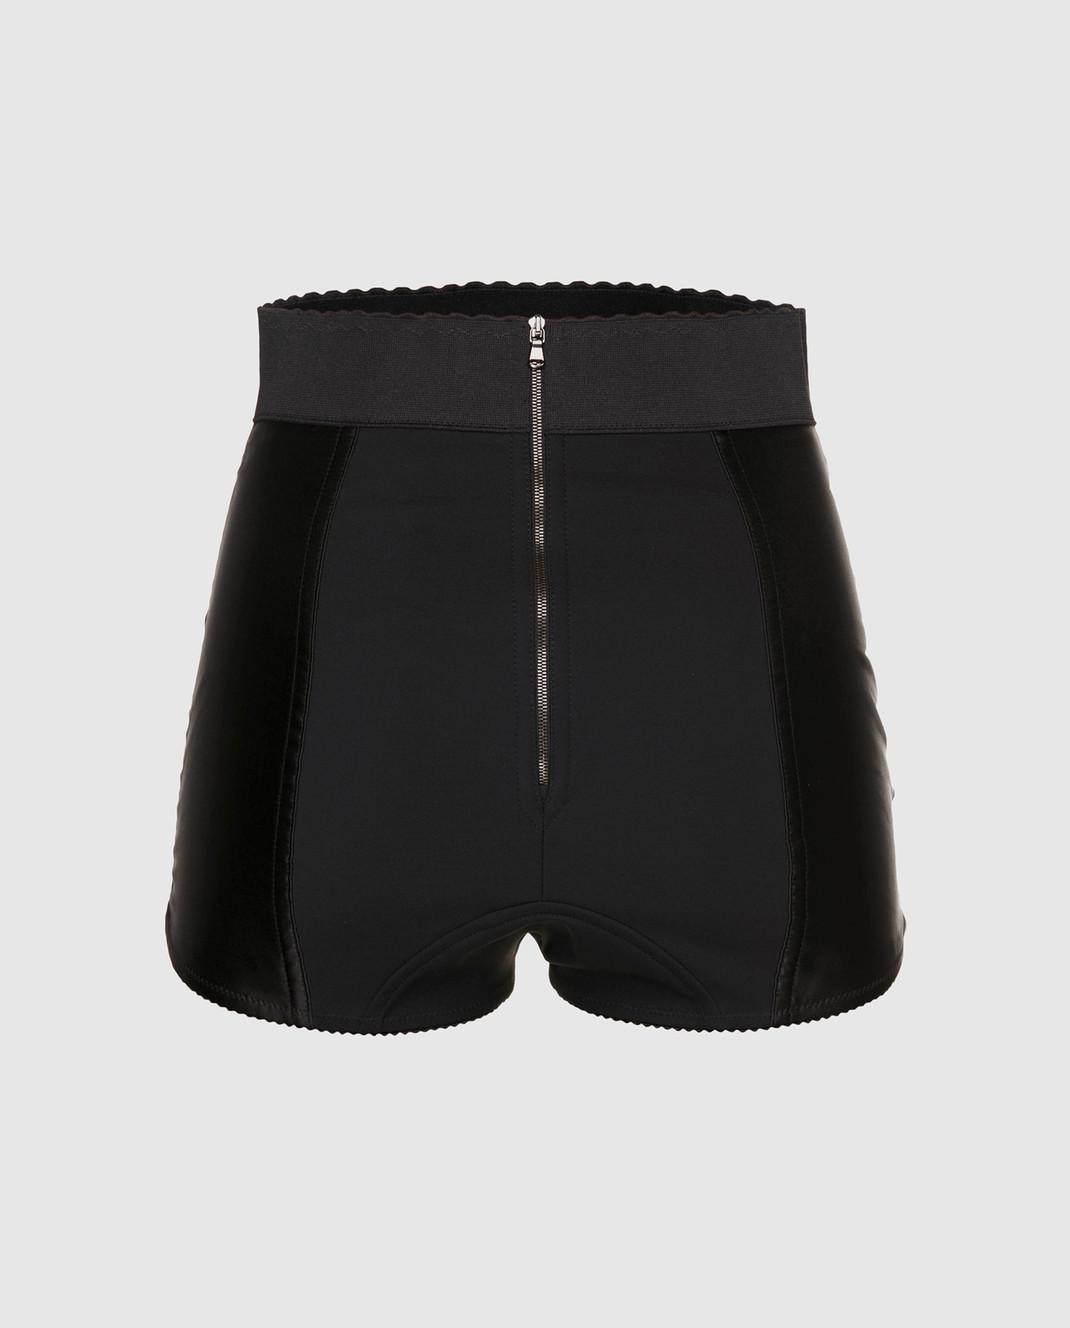 Dolce&Gabbana Черные трусики FTAG1TGDC48 изображение 2